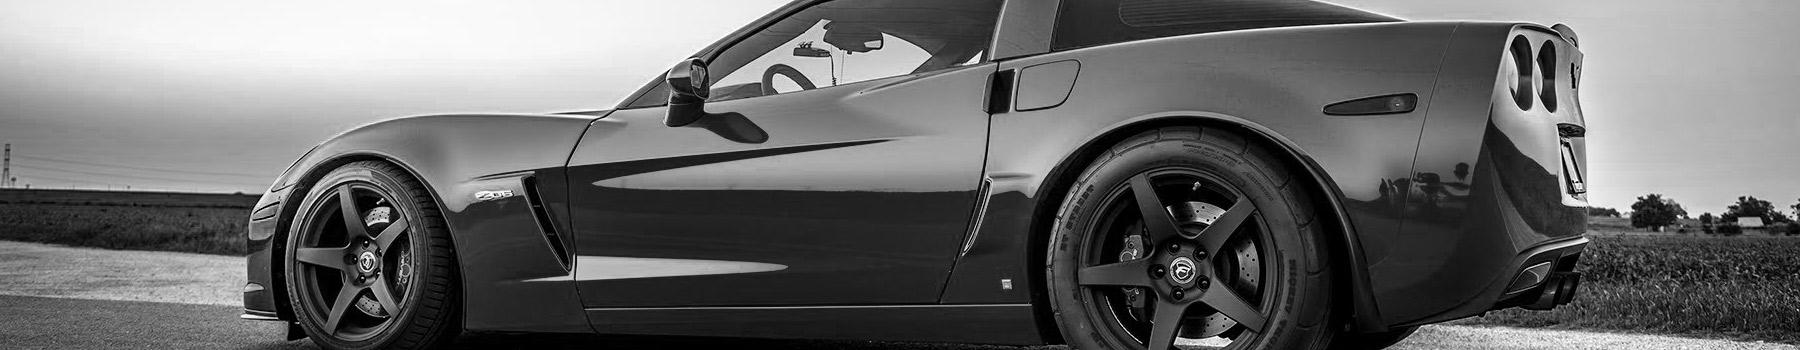 c6 corvette 2005-2013